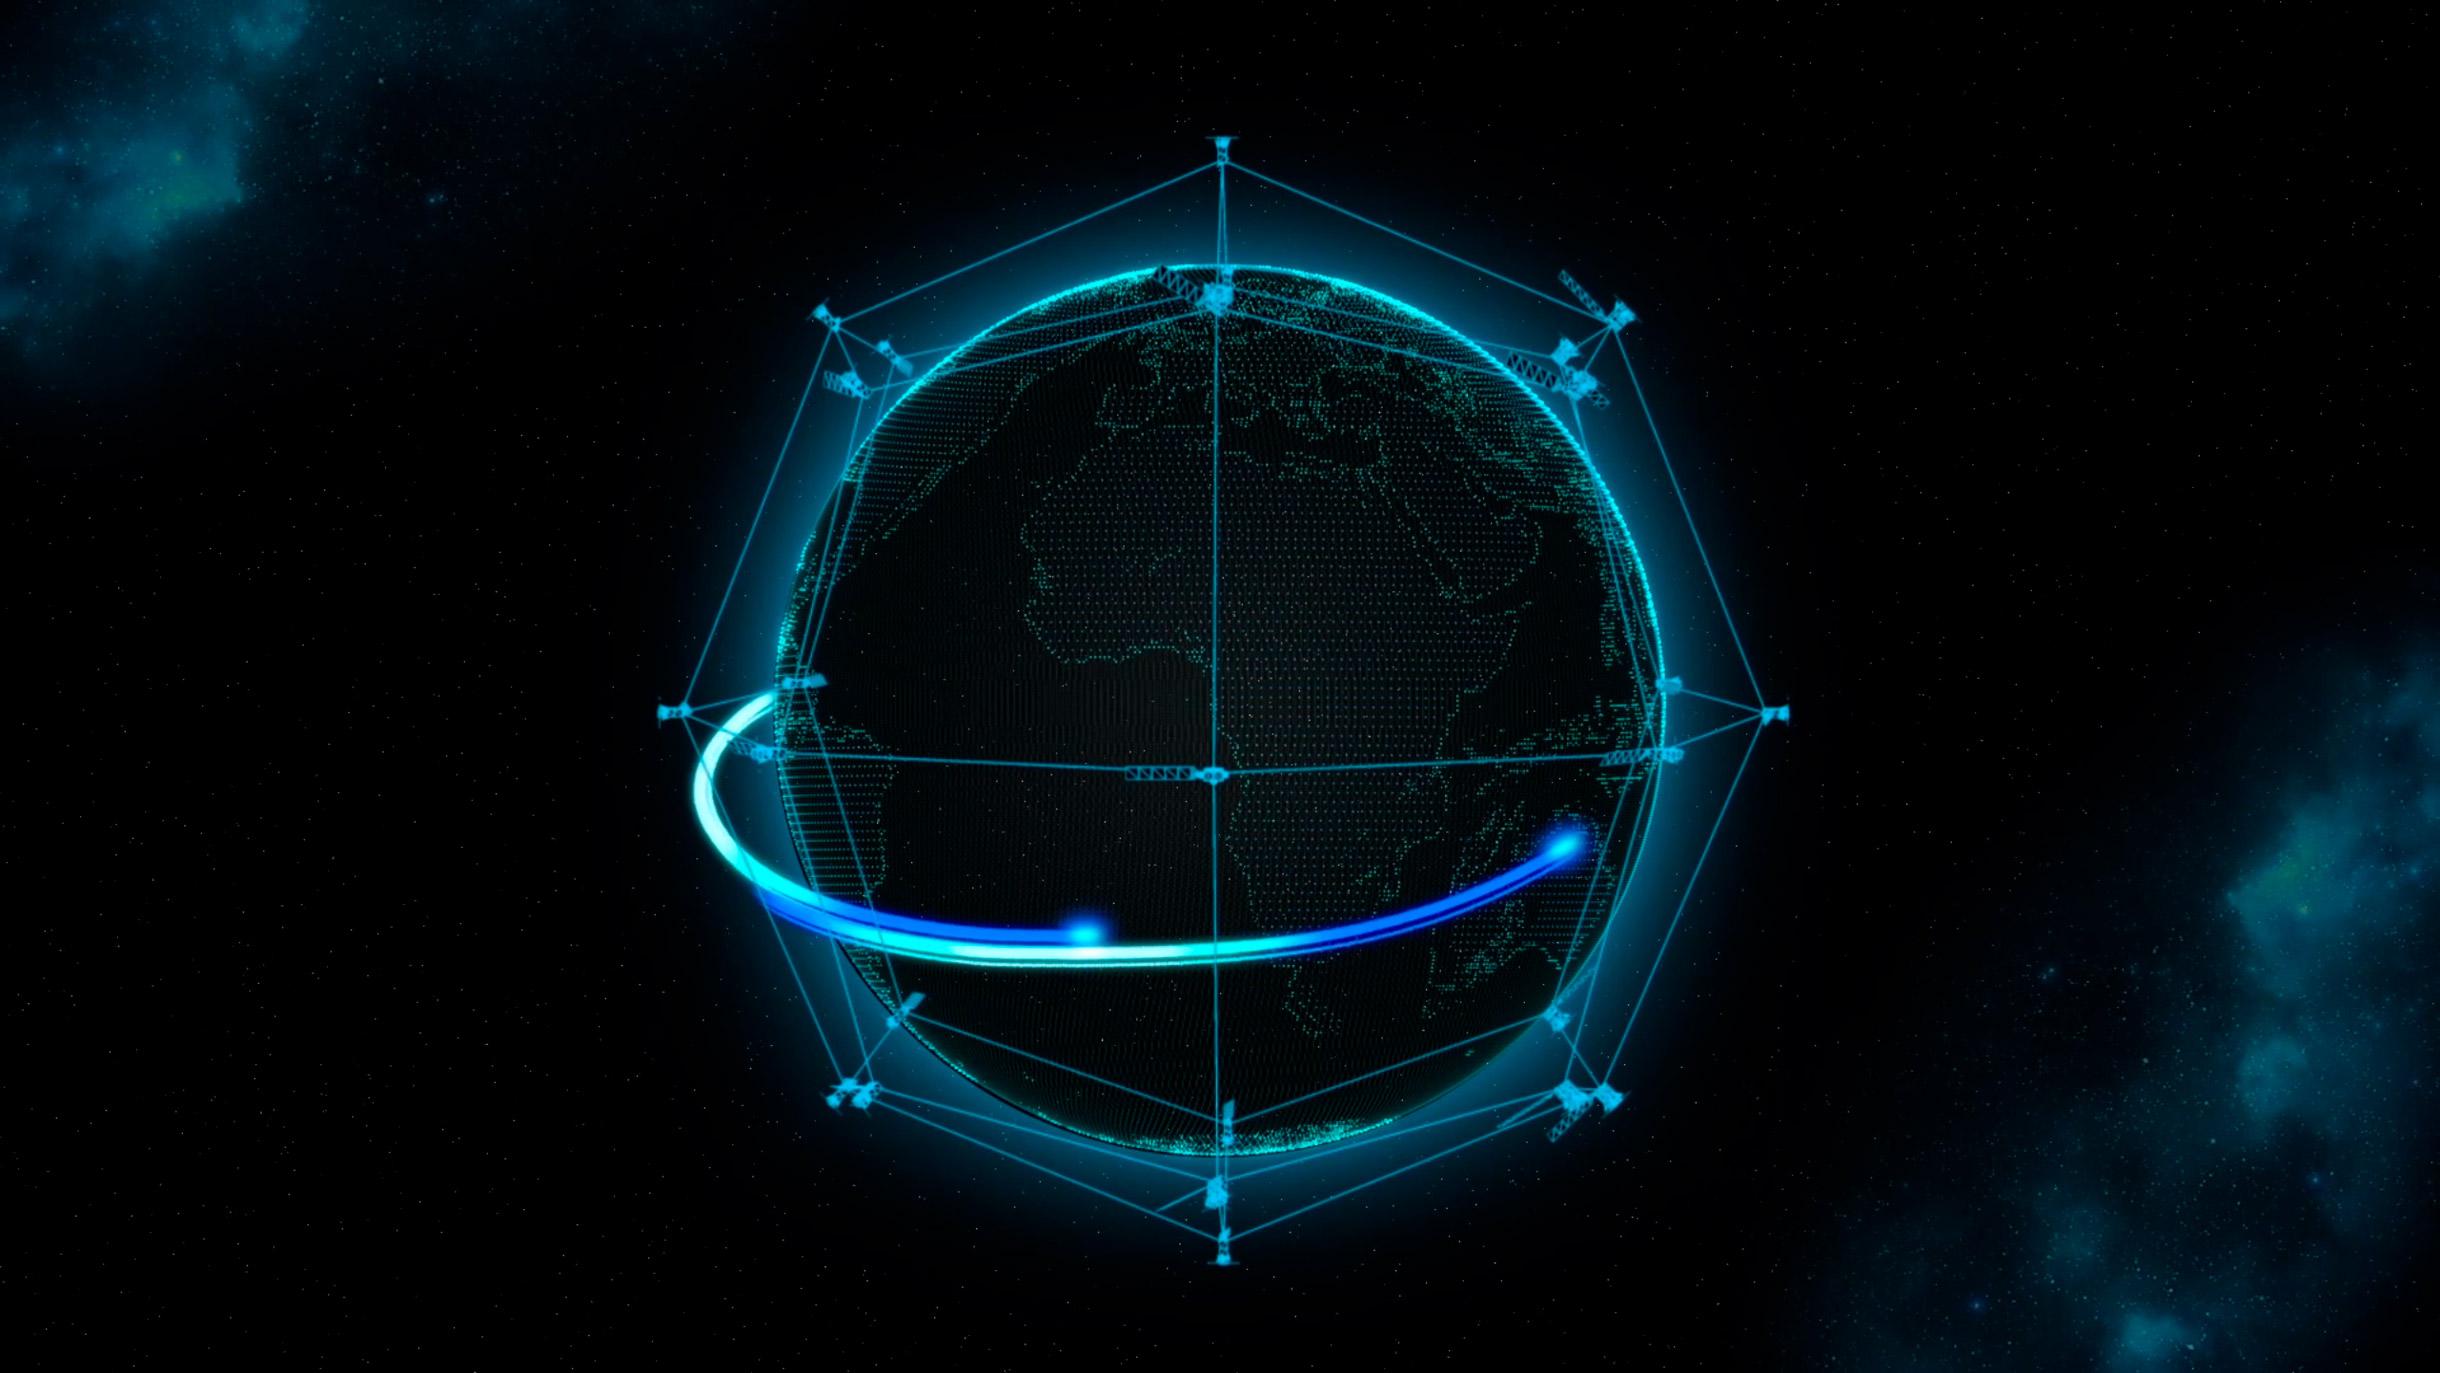 TESAT Laser Constellation Network